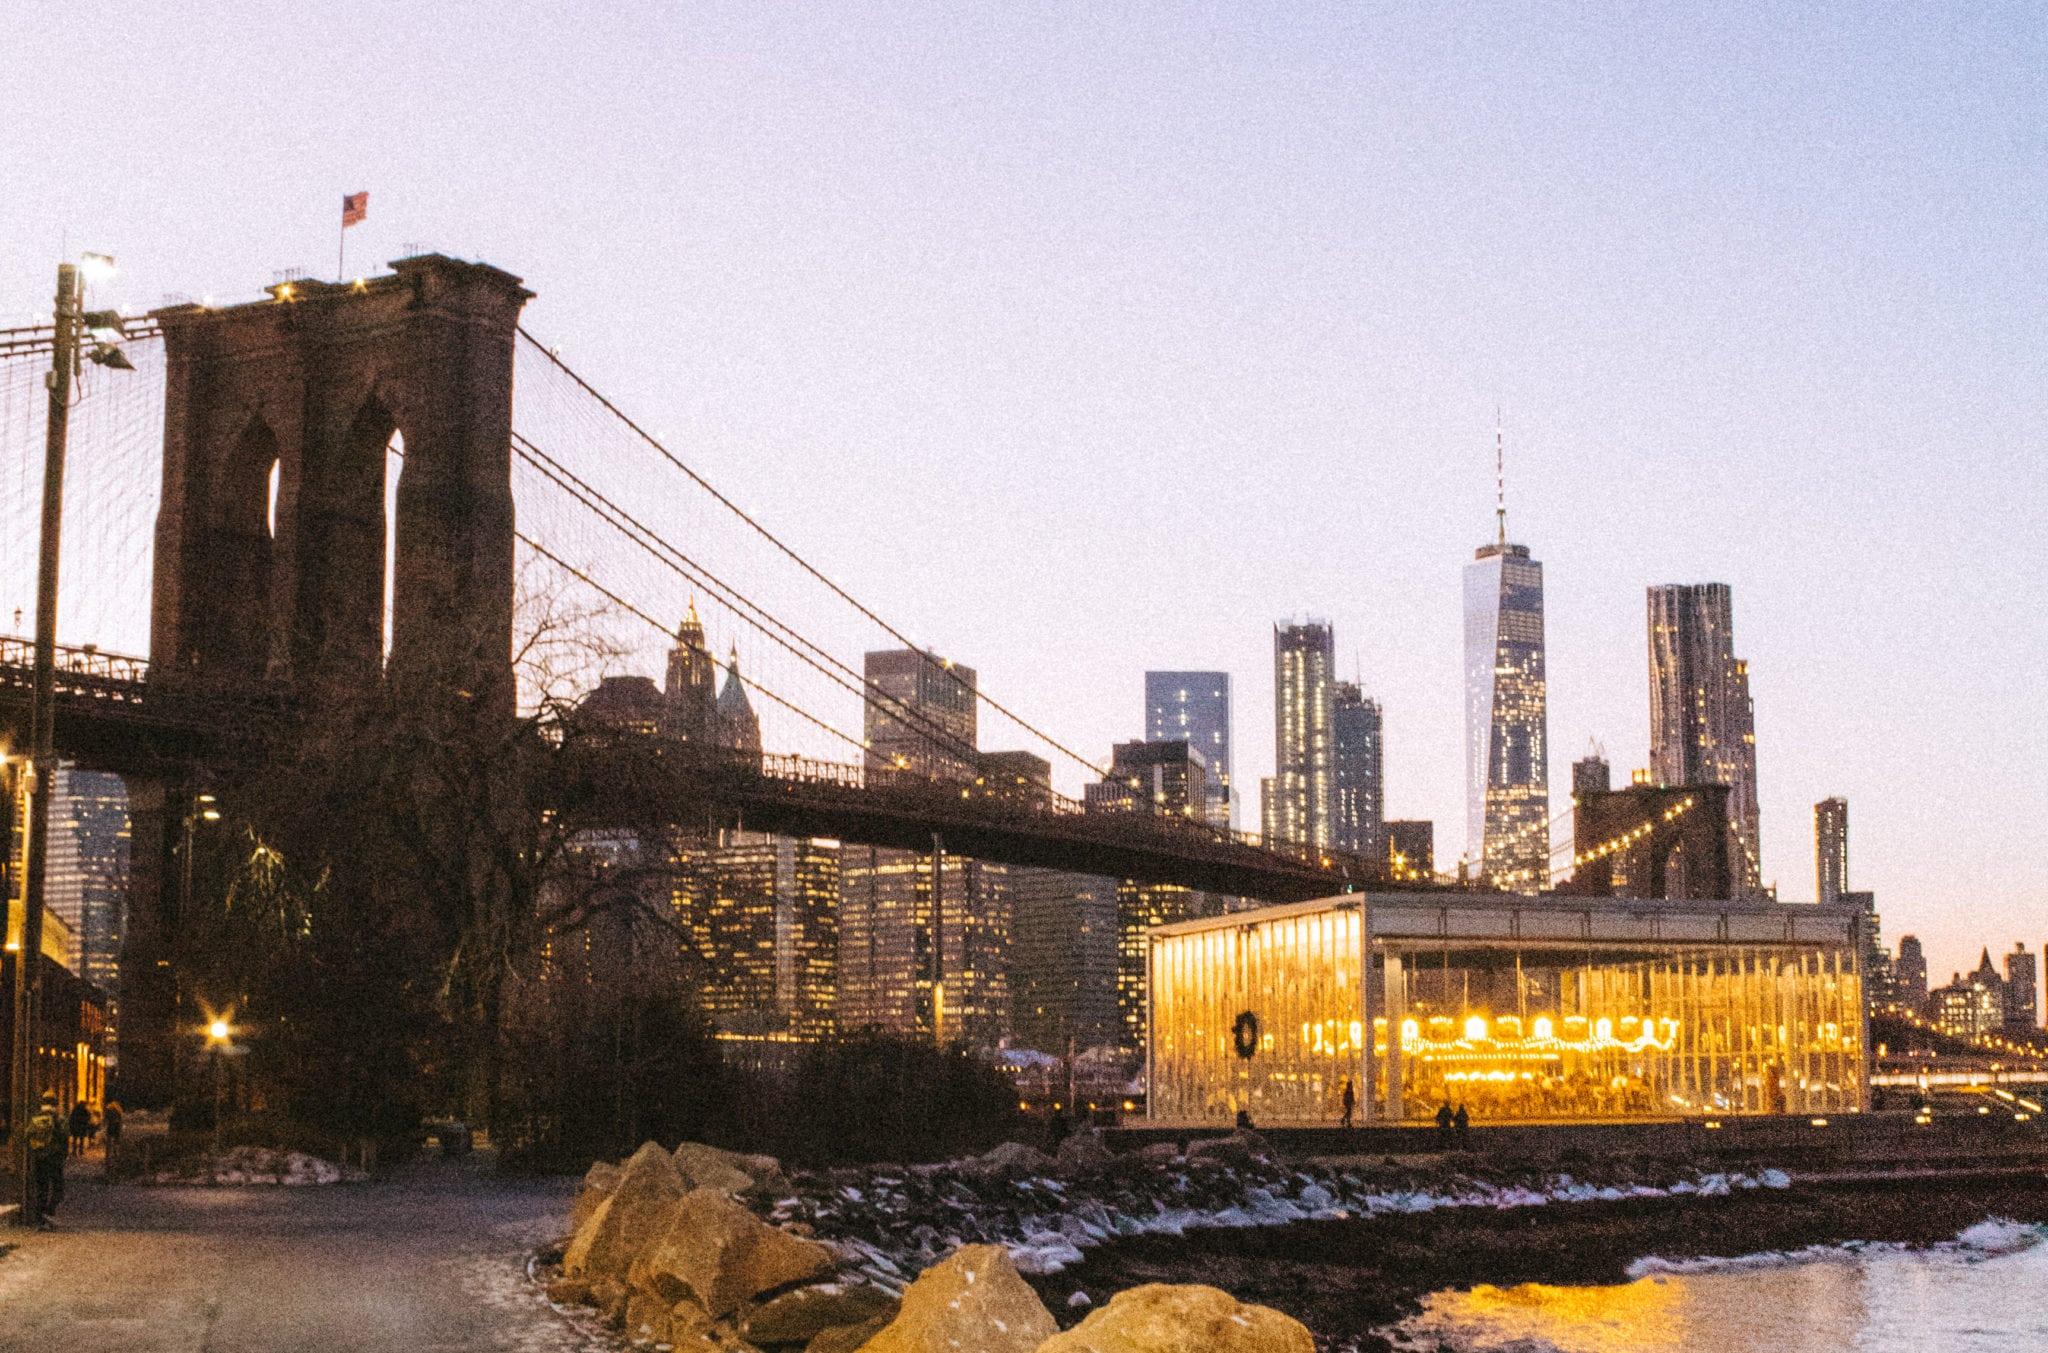 New Years Eve NYC - Dumbo - Flunking Monkey